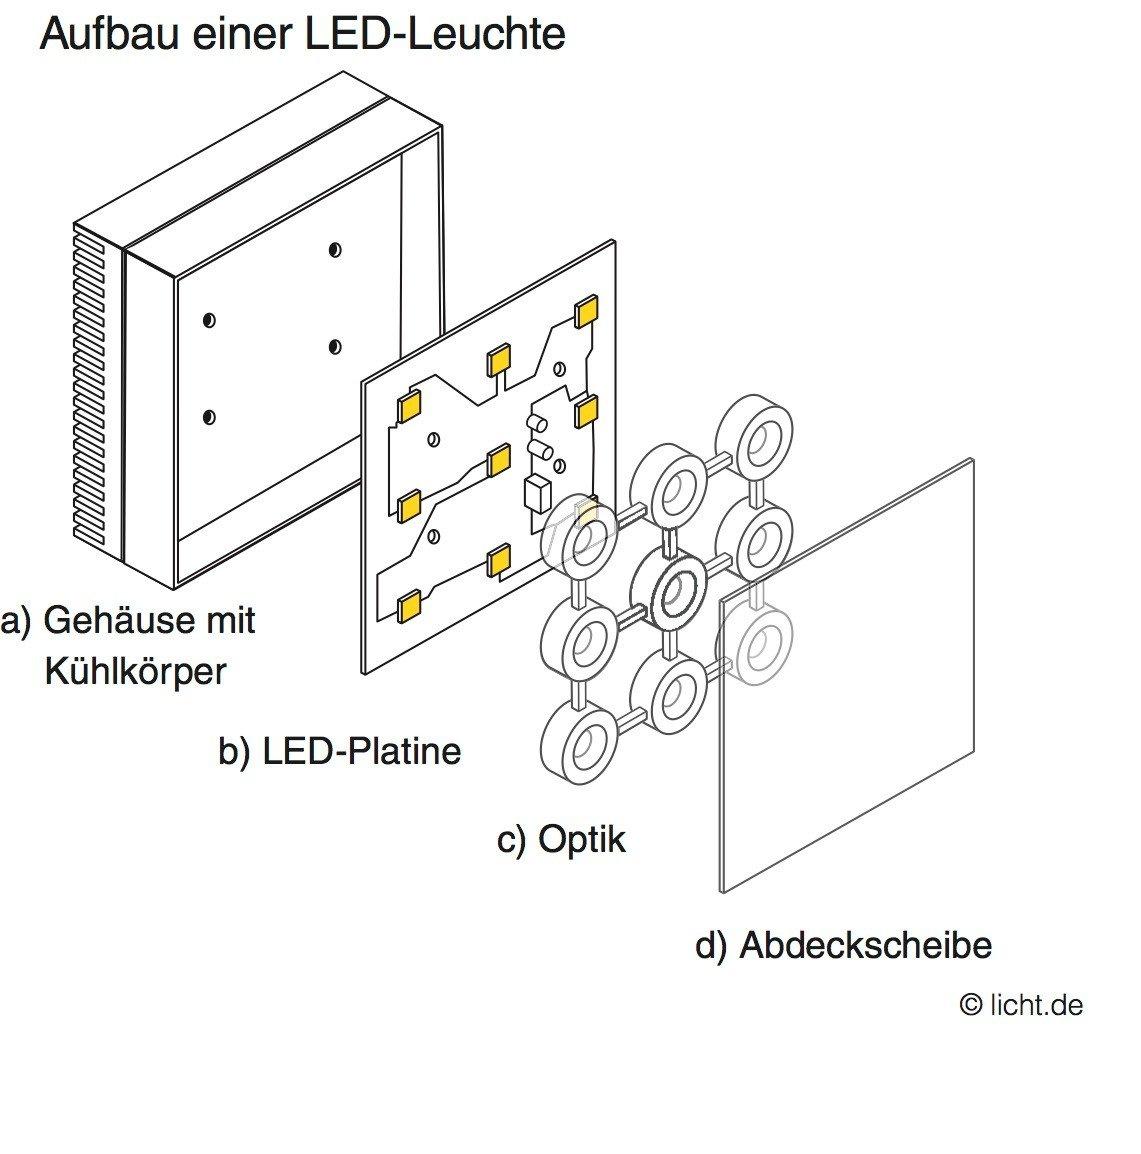 Anleitung Zum Aufbau Einer Indirekten Beleuchtung Mit Leds: Aufbau Einer Led. Aufbau Einer Led Lux Lumen Und Die